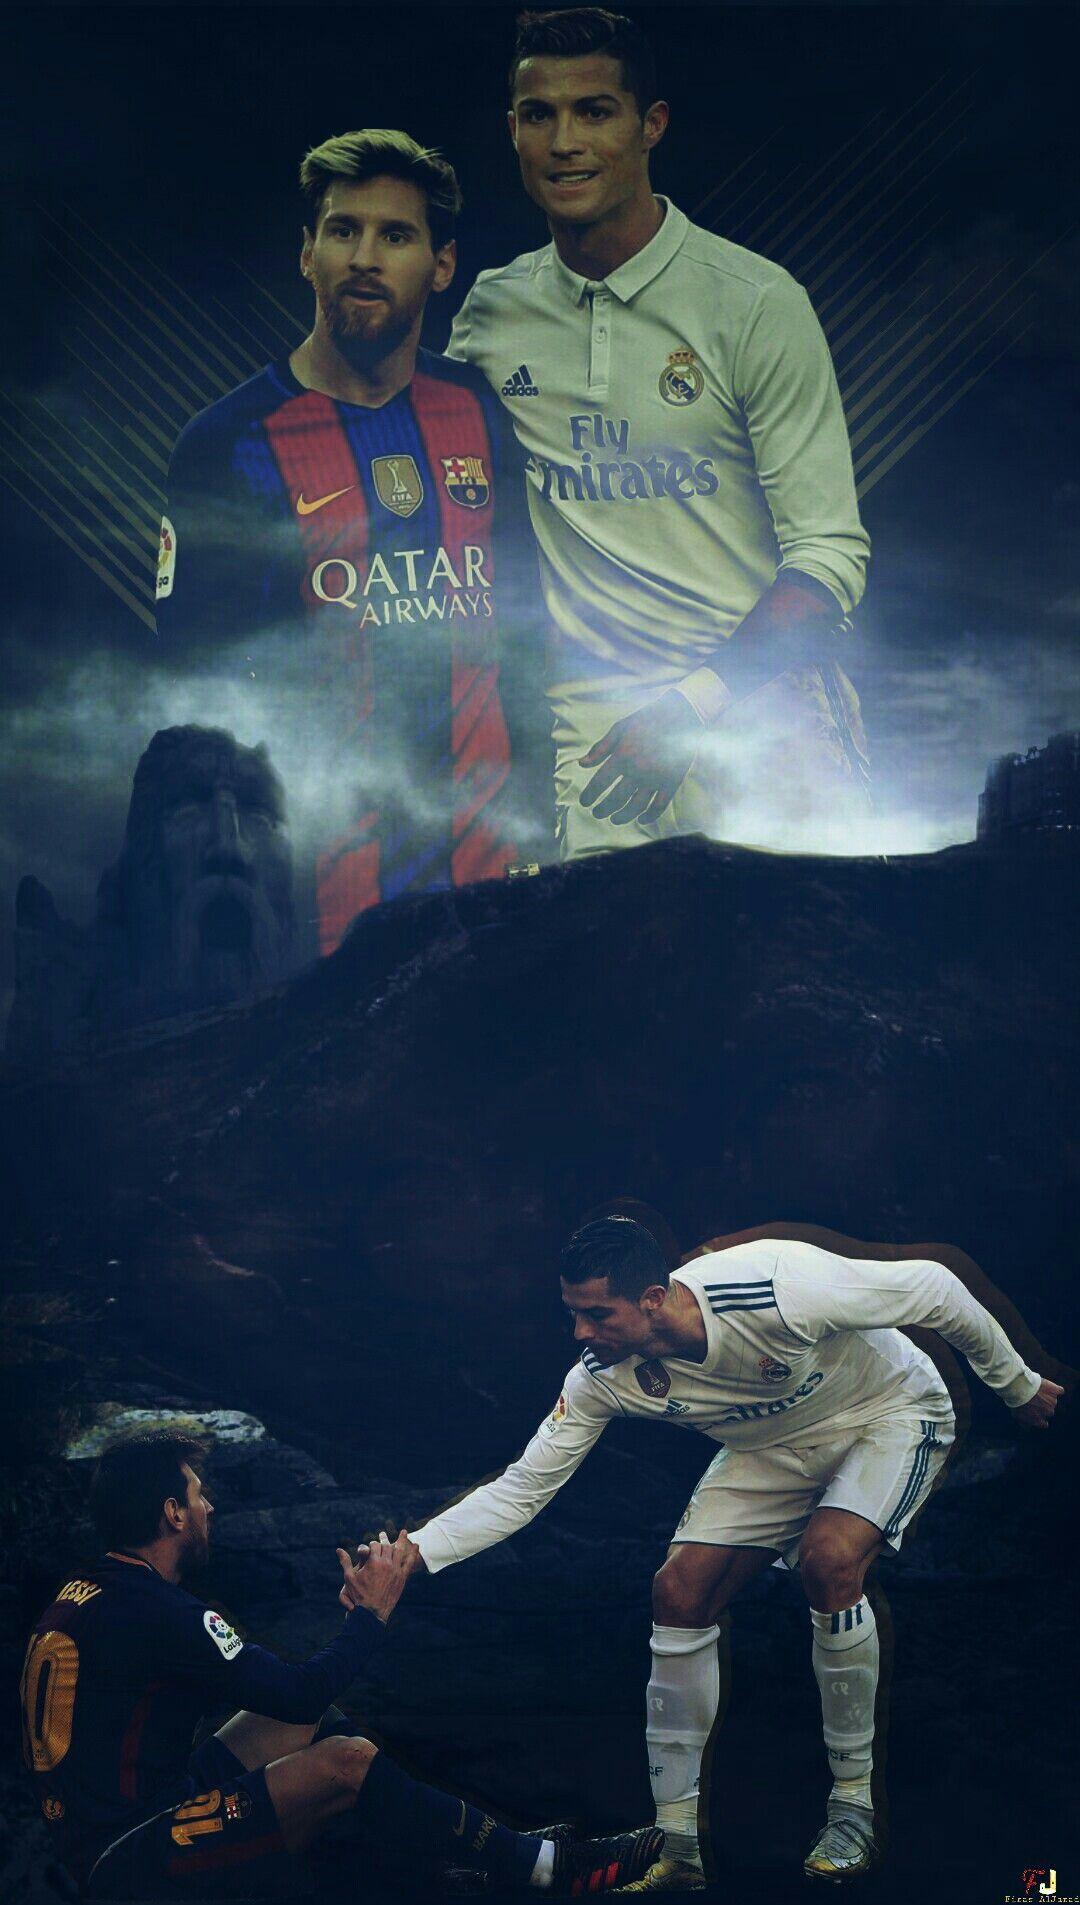 Wallpaper Messi Ronaldo Real Madrid Messi Vs Ronaldo